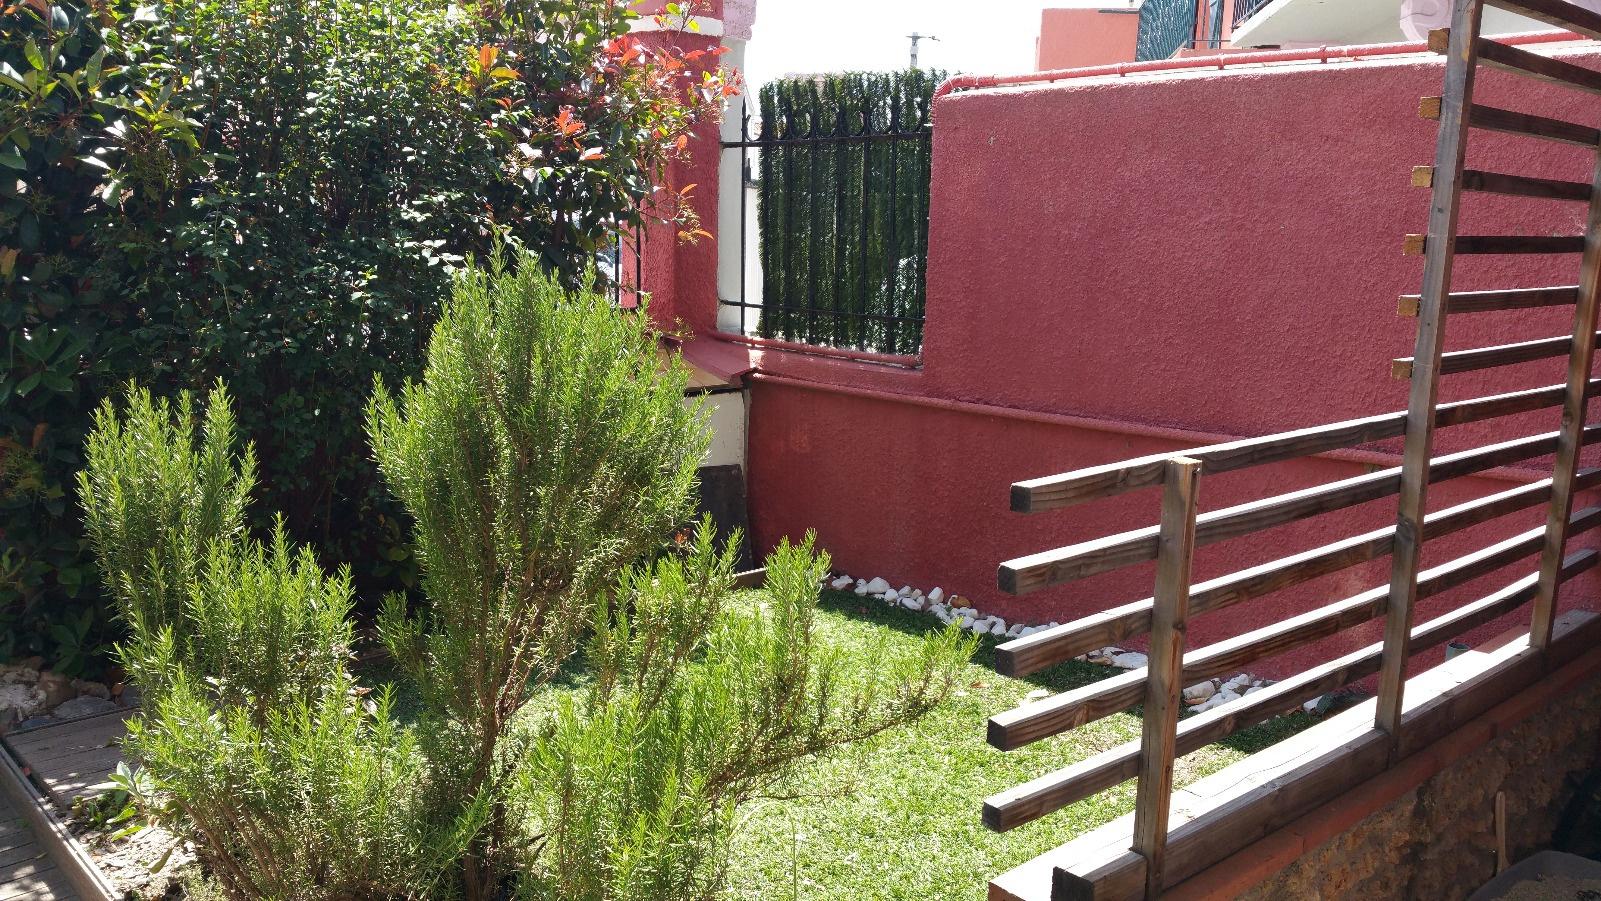 vente a vendre belle maison deux faces avec jardin et place de parking. Black Bedroom Furniture Sets. Home Design Ideas